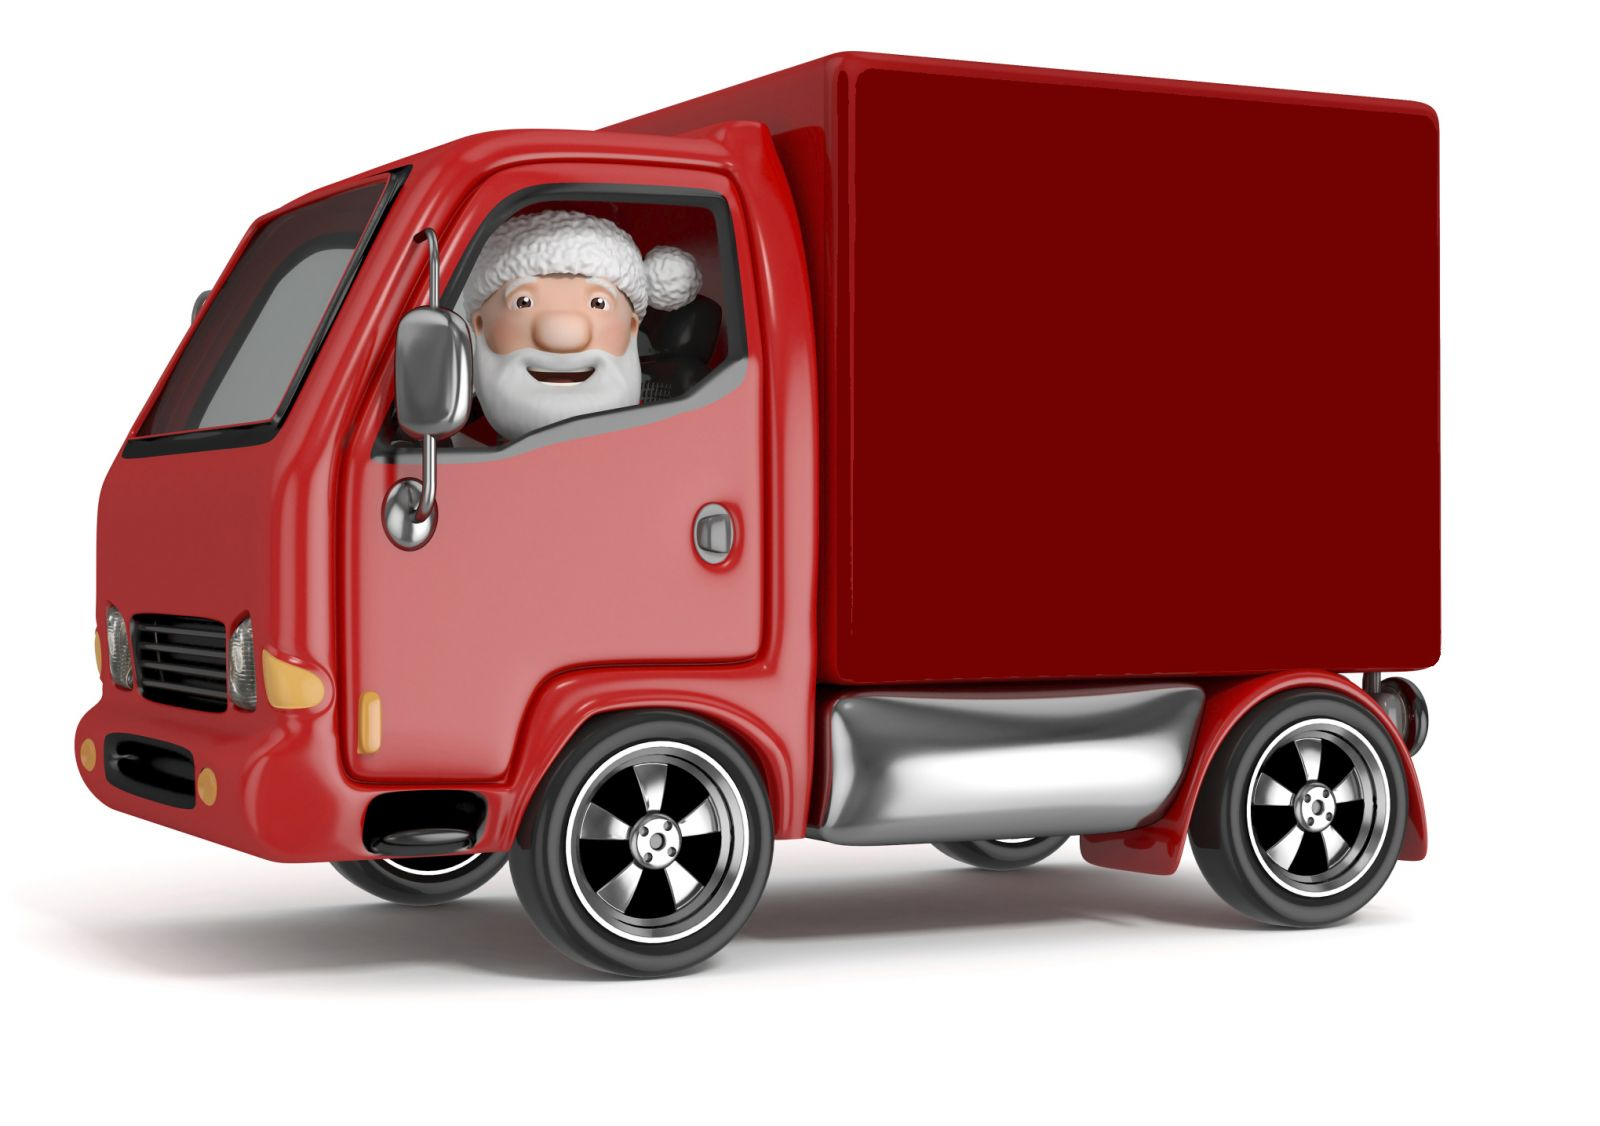 Feliz Navidad, de parte de el equipo de la red de talleres Top Truck